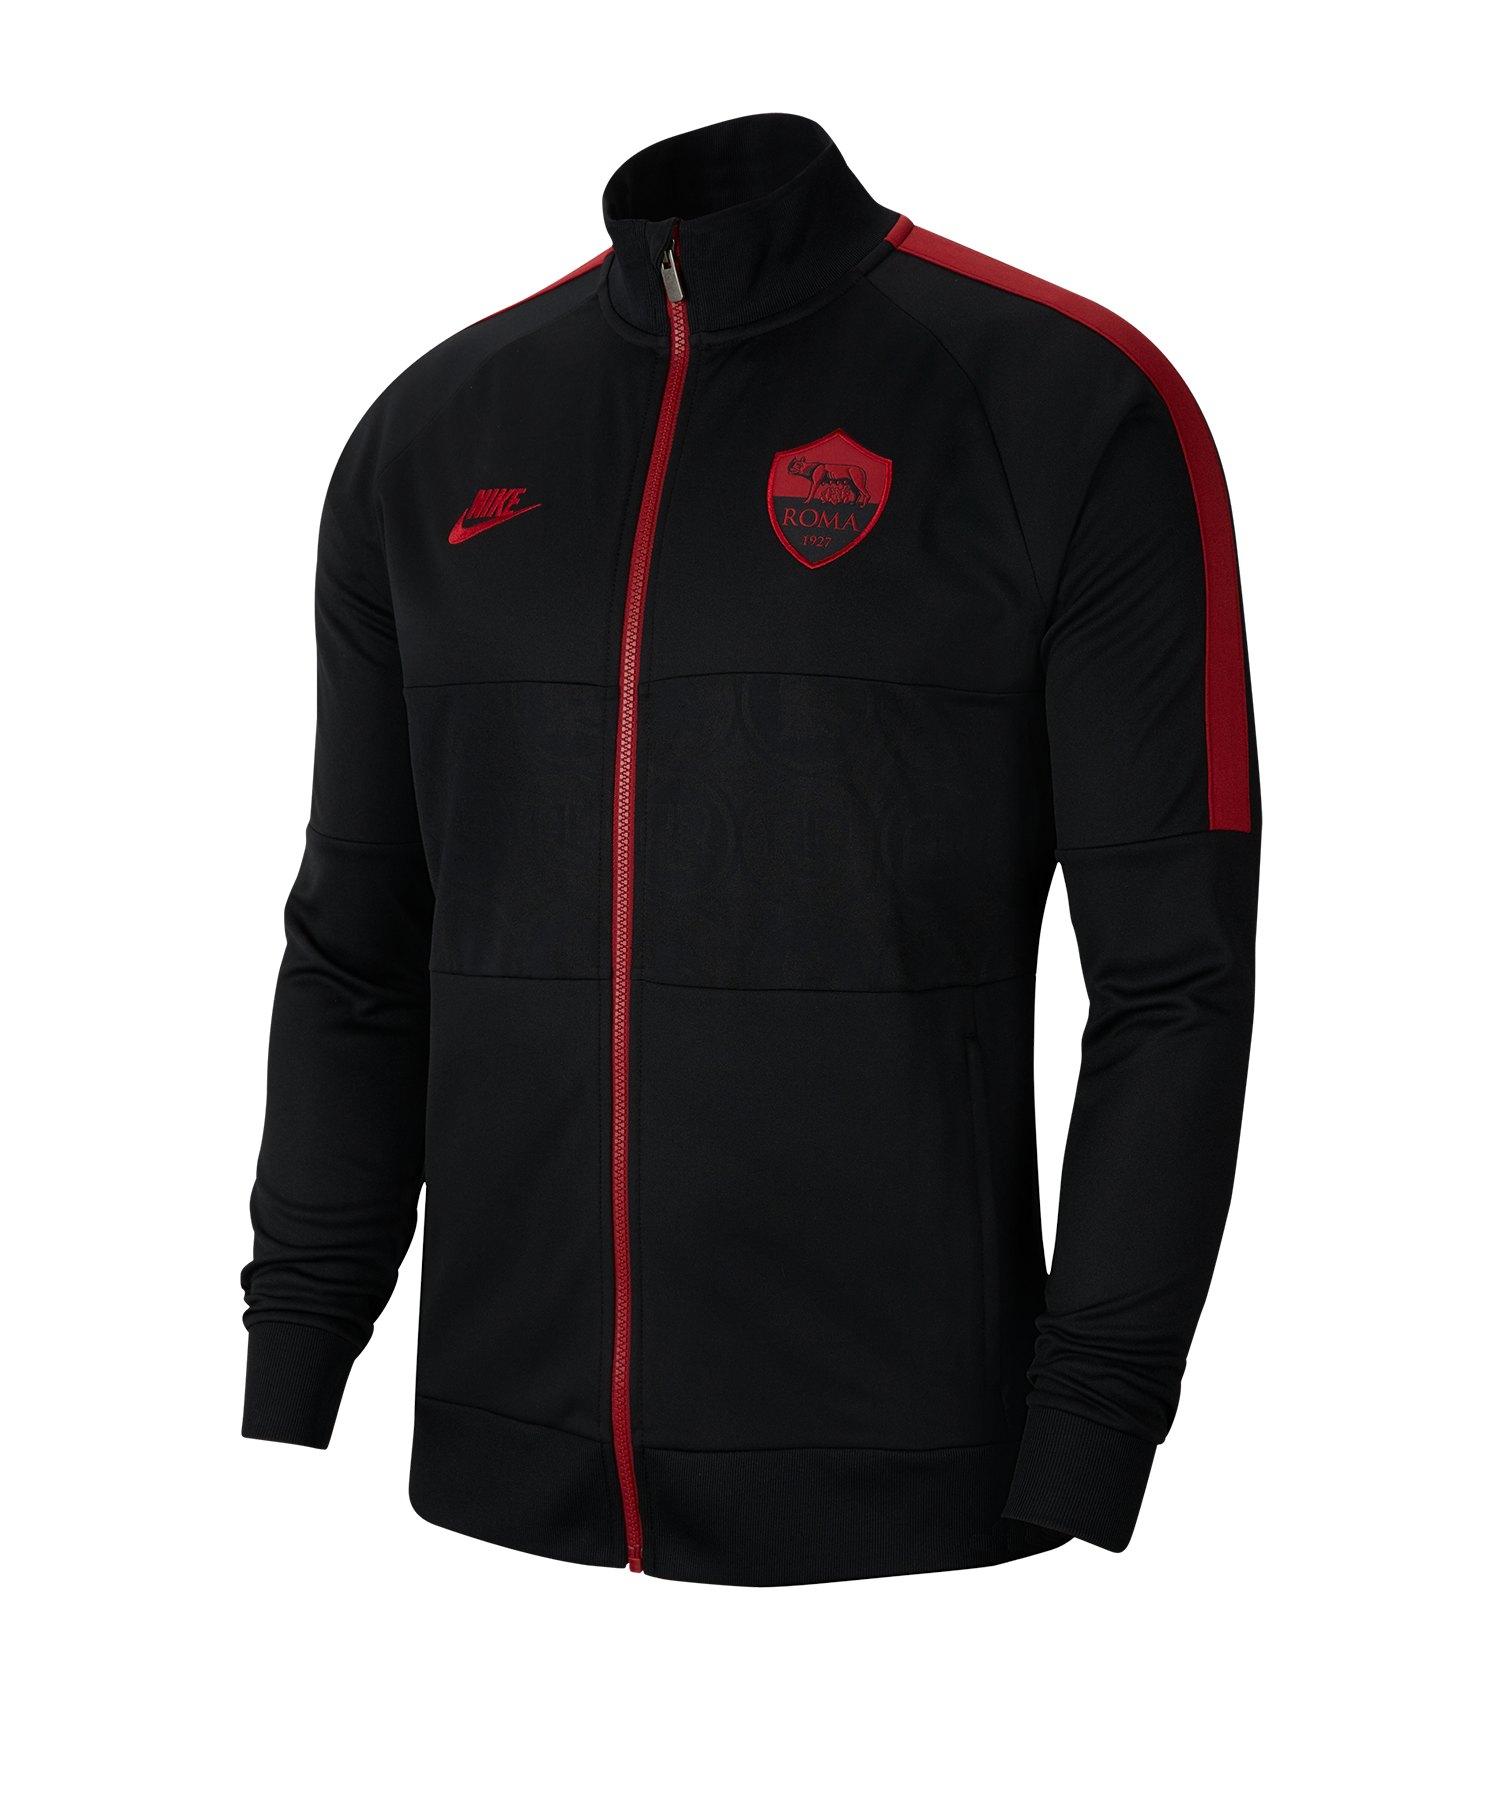 Nike AS Rom I96 Jacket Jacke CL F014 - schwarz